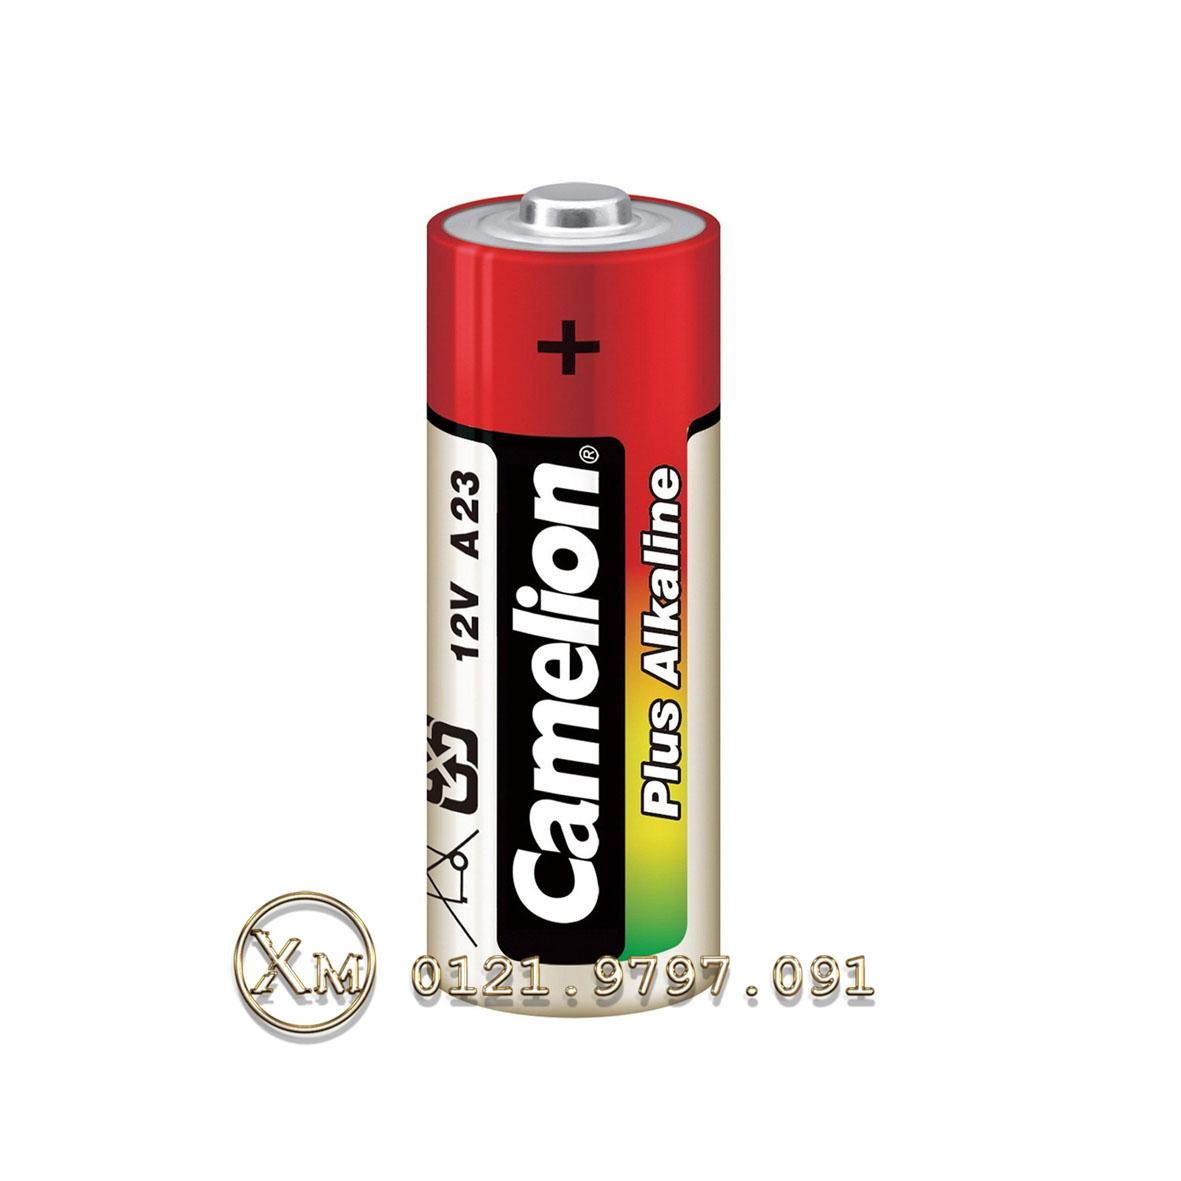 Phân phối pin, sạc camelion, thẻ nhớ chính hãng giá tốt nhất - 31